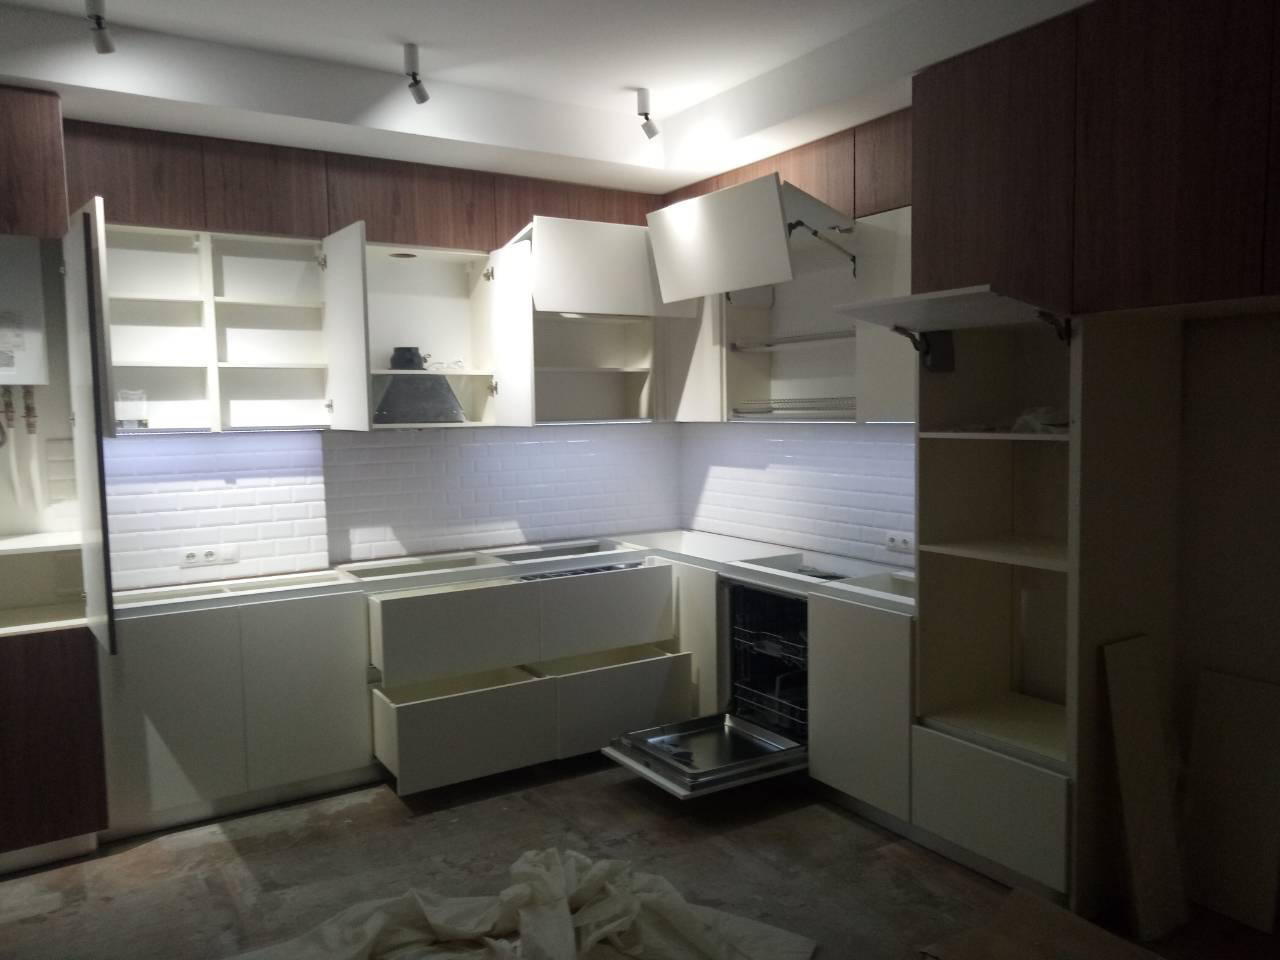 Кухня с встроенным котлом и газовым счетчиком на заааз